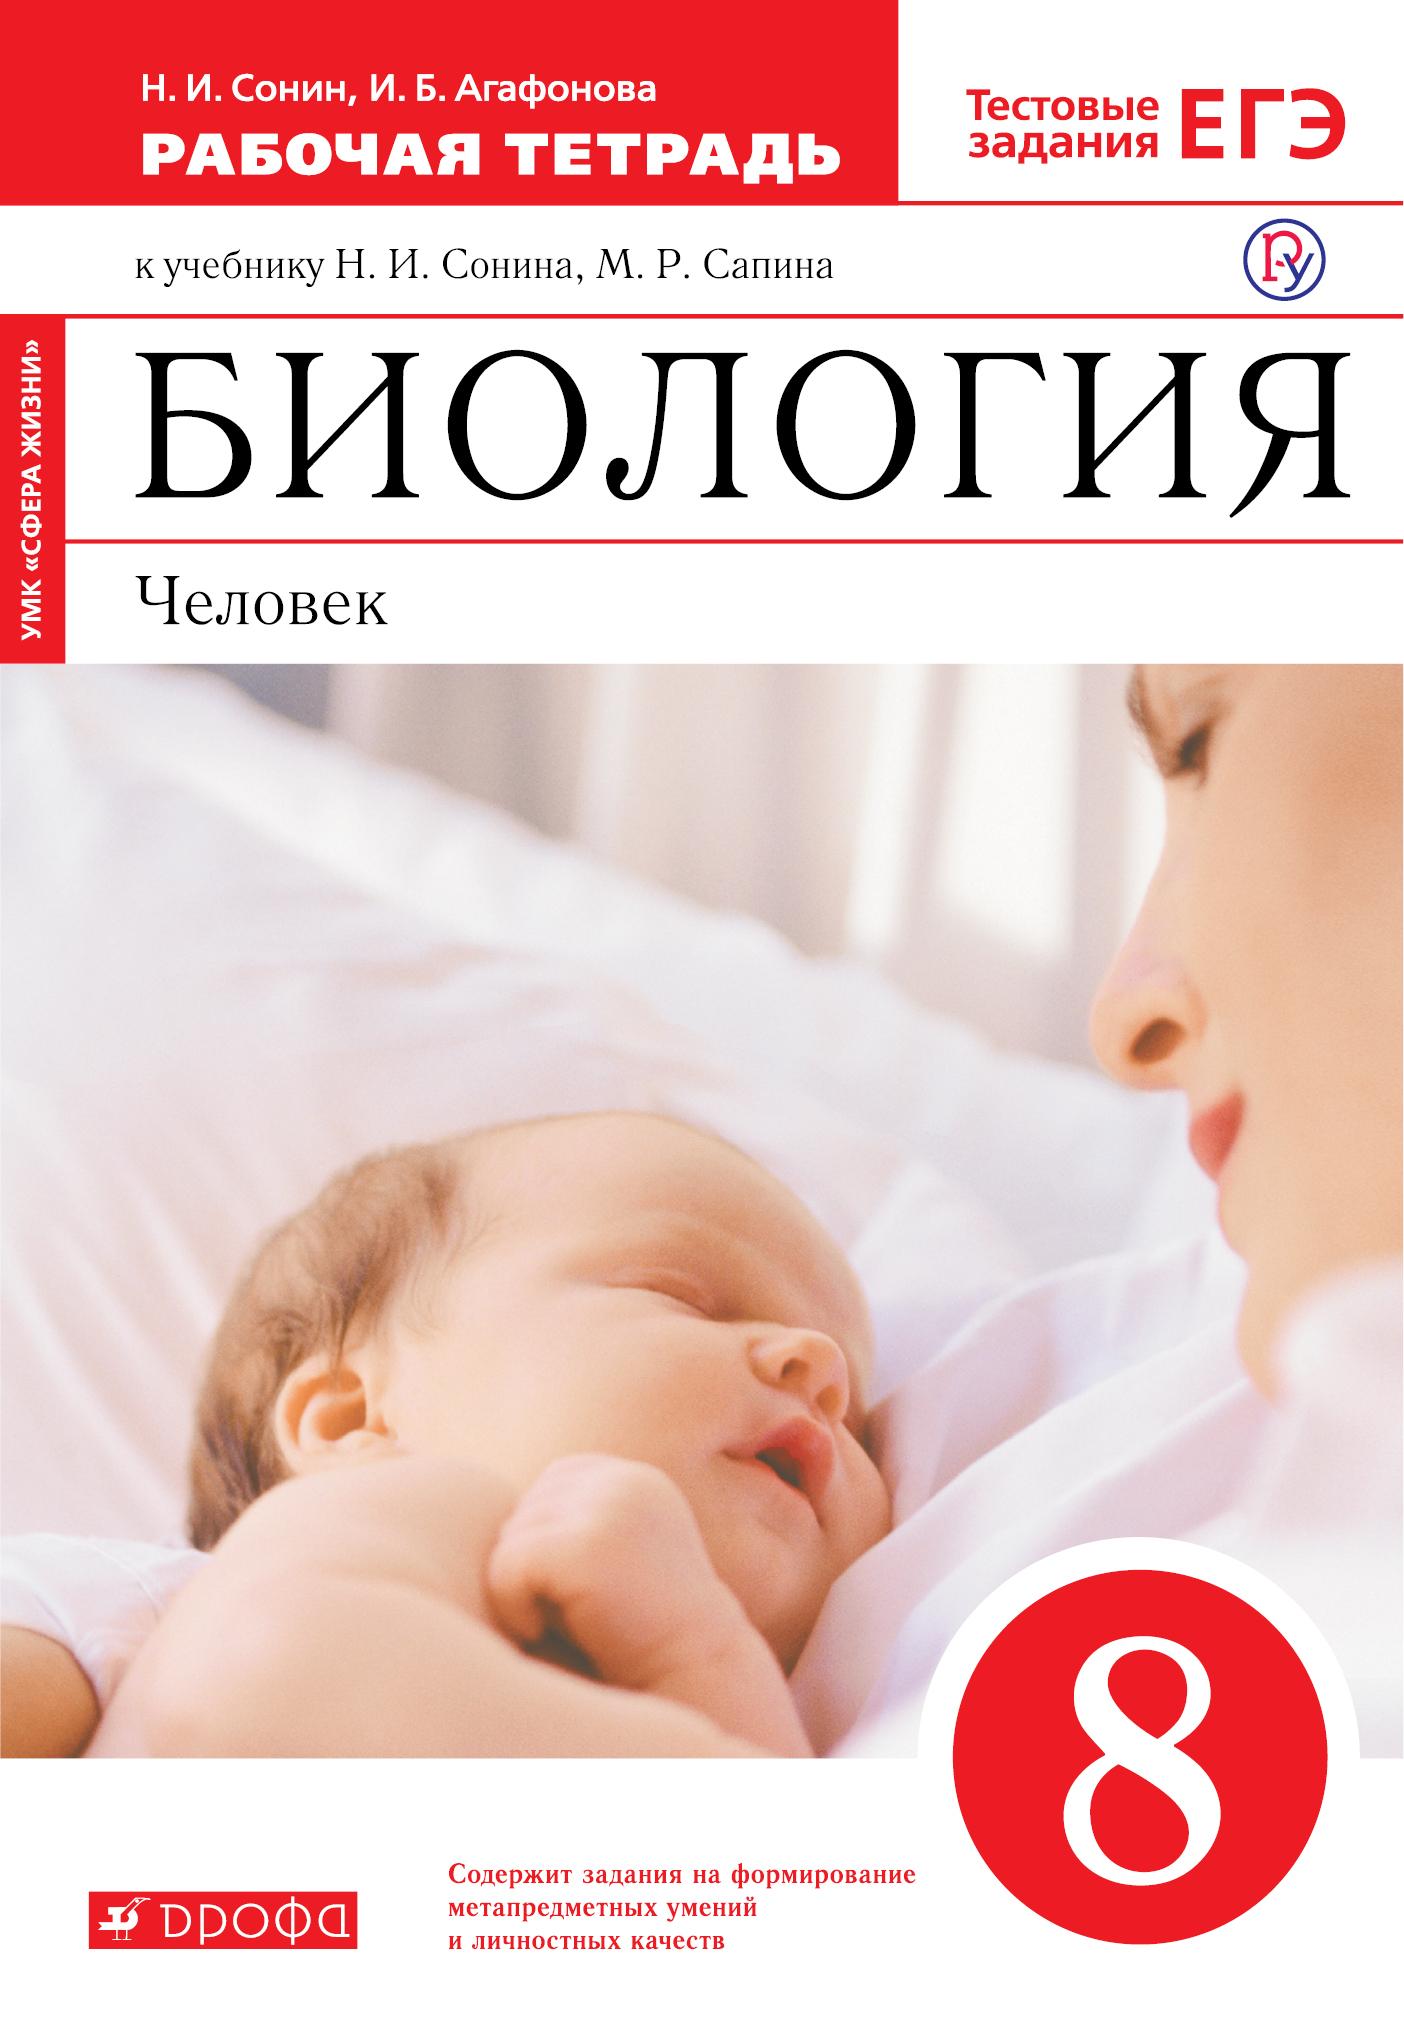 Сонин Н.И., Агафонова И.Б. Биология. Человек. 8 класс. Рабочая тетрадь